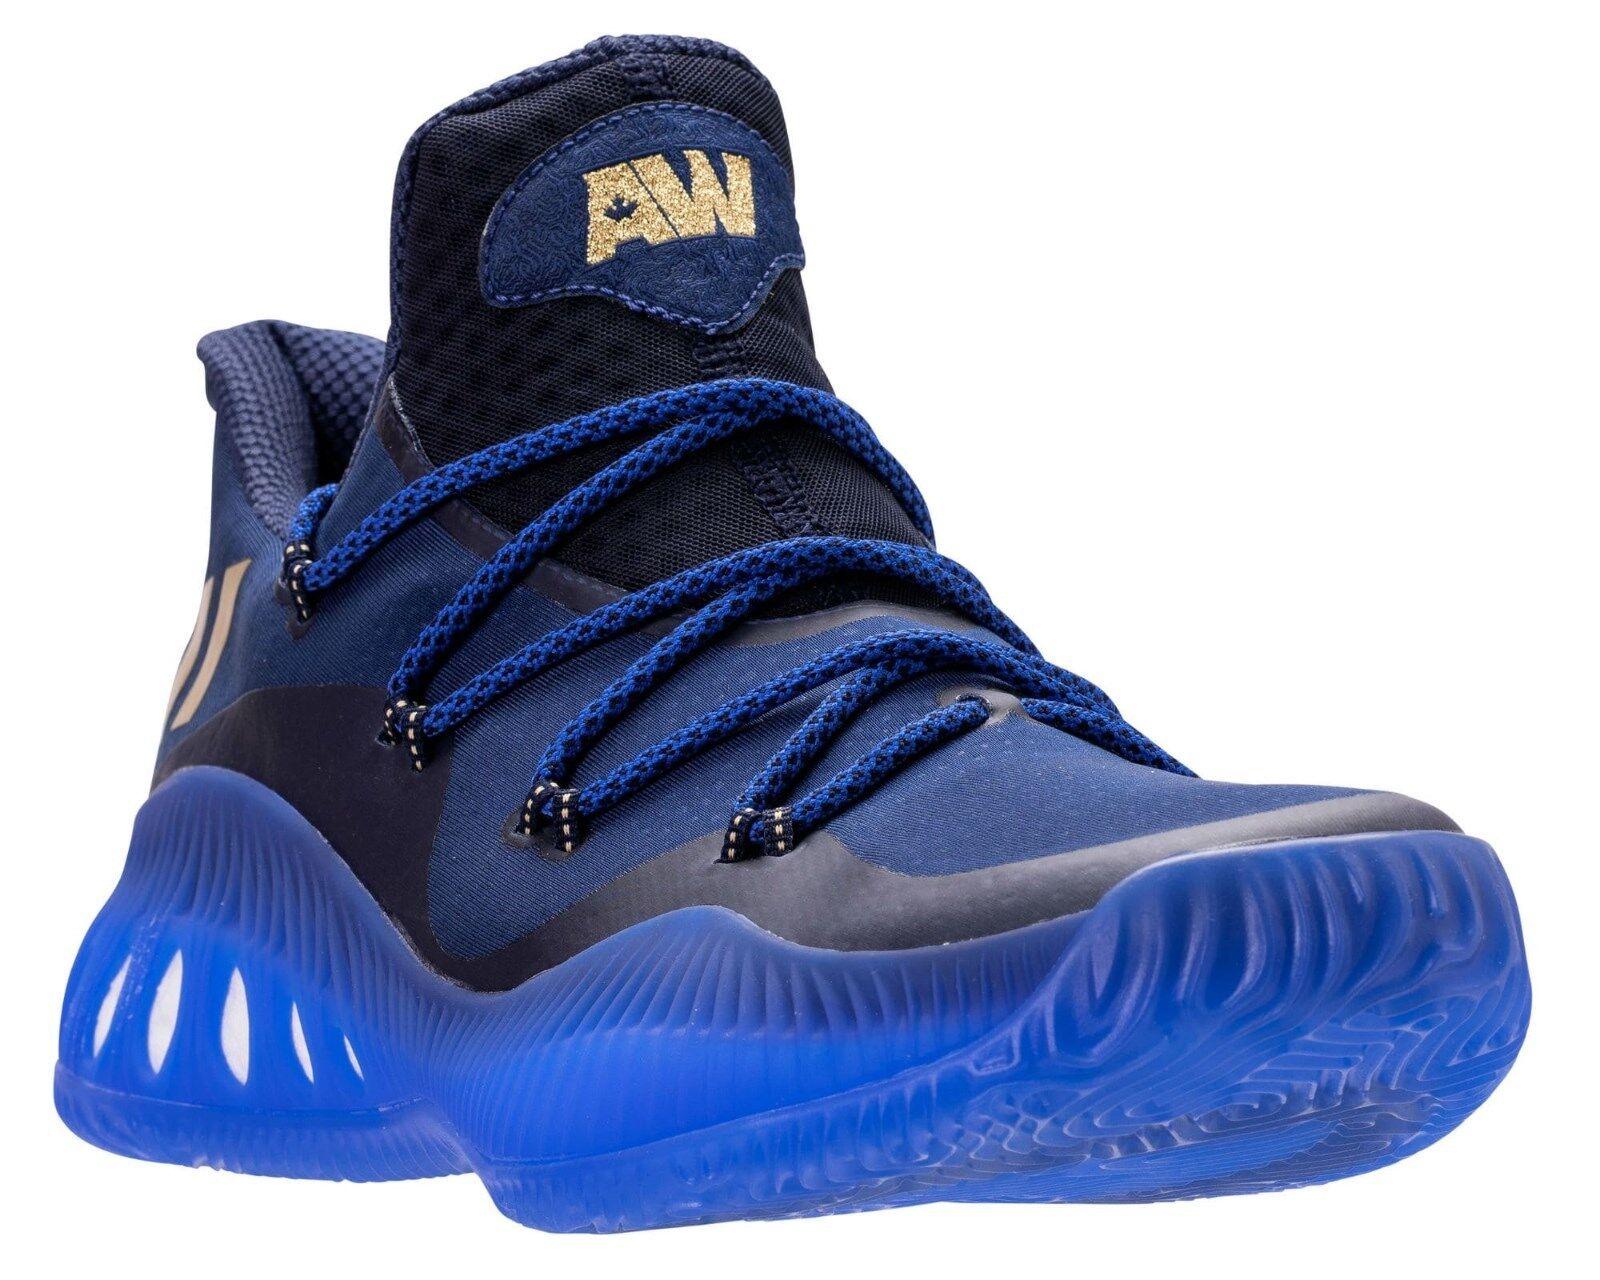 Adidas pazzo esplosivo basso uomini scarpe da basket bw0571 bw0571 bw0571 dimensioni: 7 84ec3d